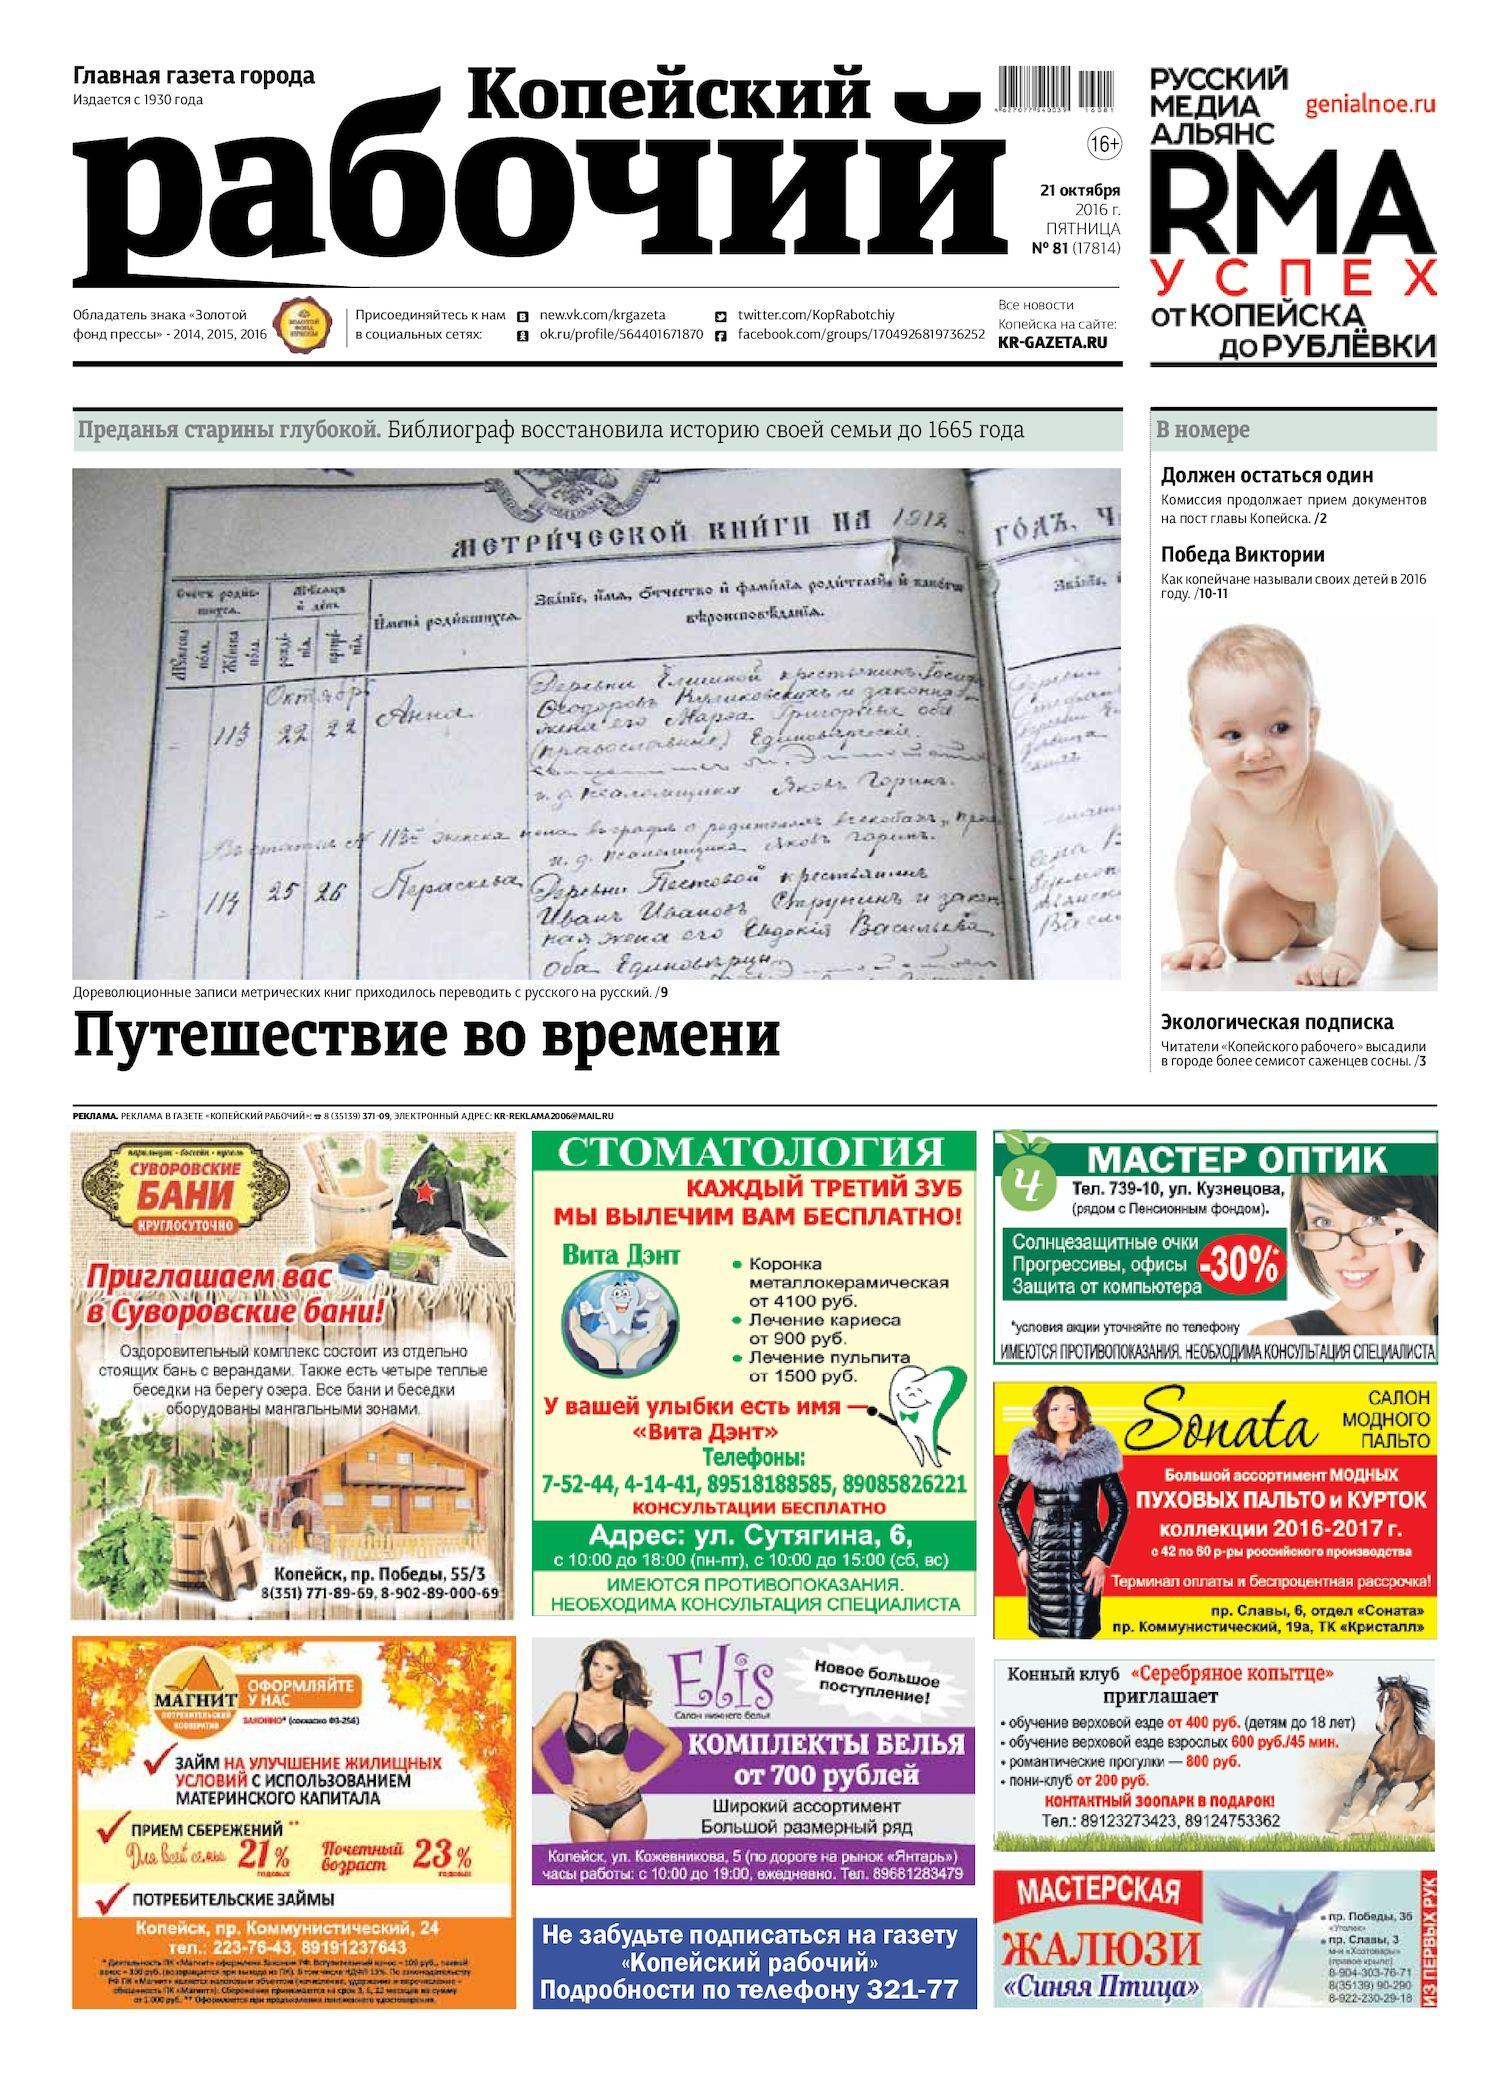 Знакомство с газети